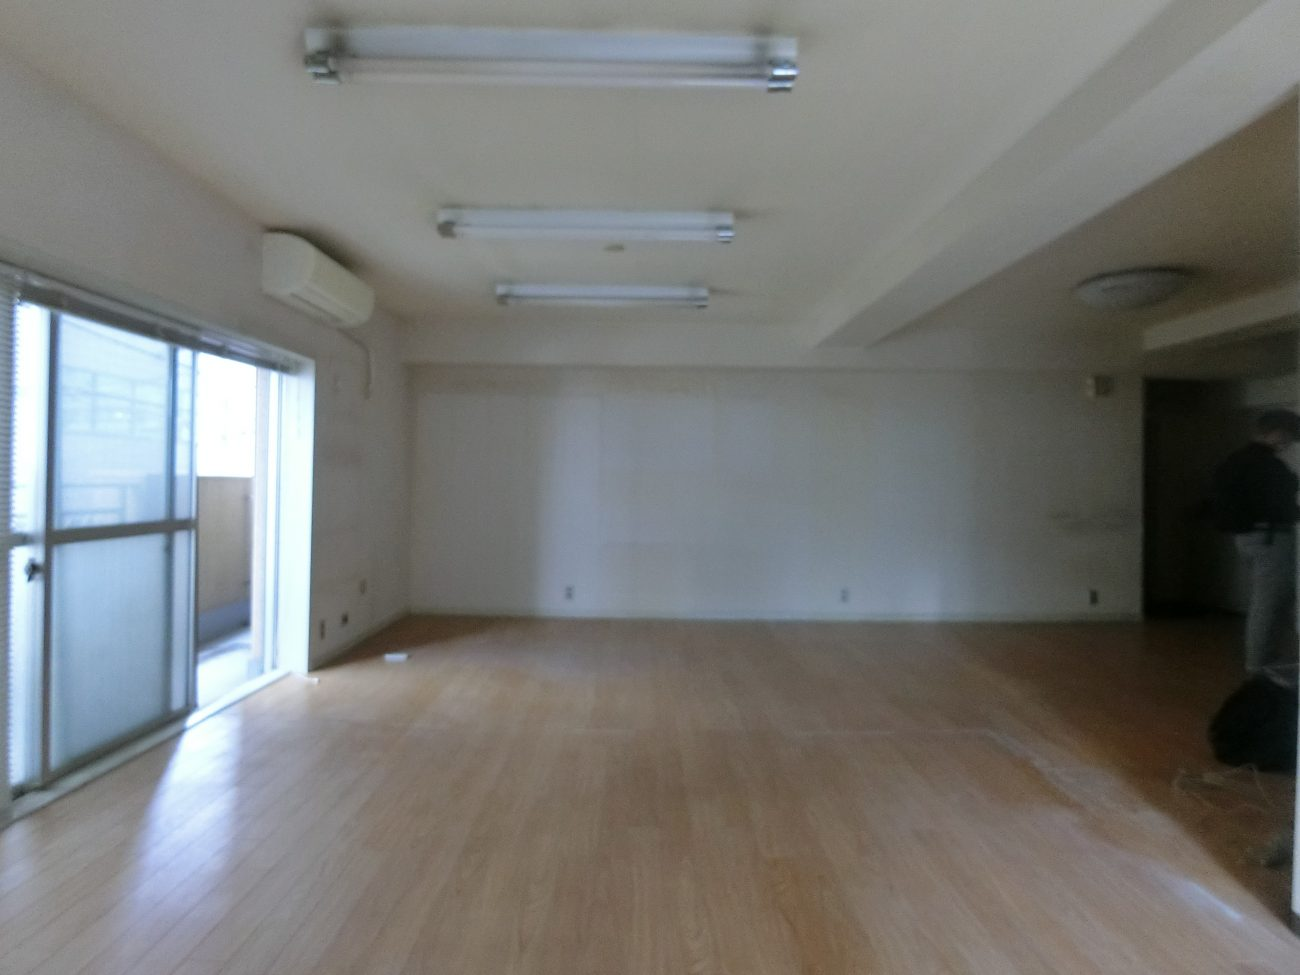 五反田 築40年の古オフィスを無垢+躯体表しリノベで、4万円賃料アップ、即満室の画像